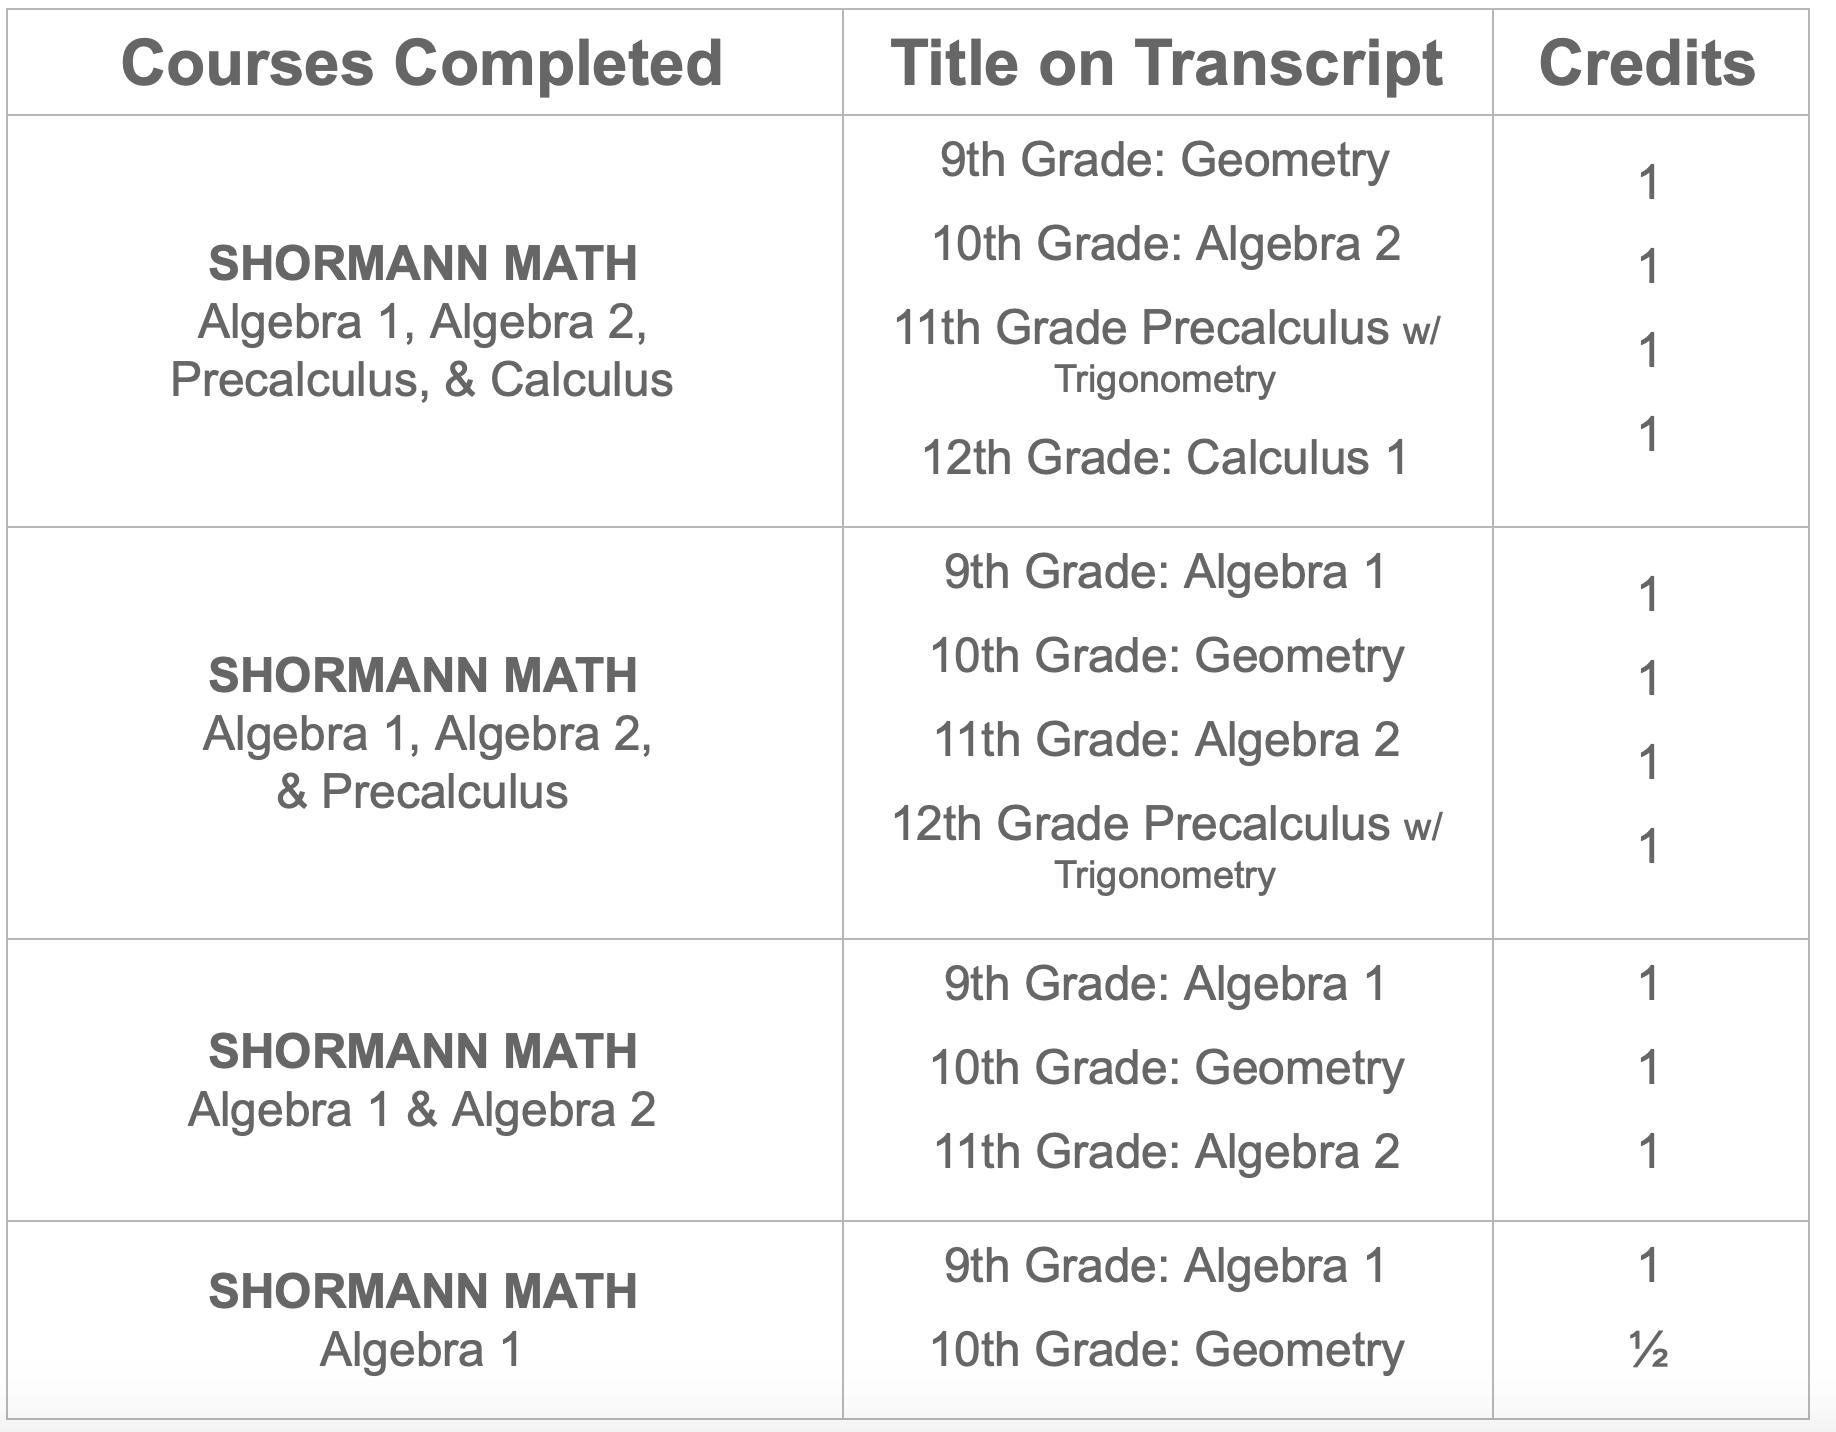 credits-standard-shormann-math.png